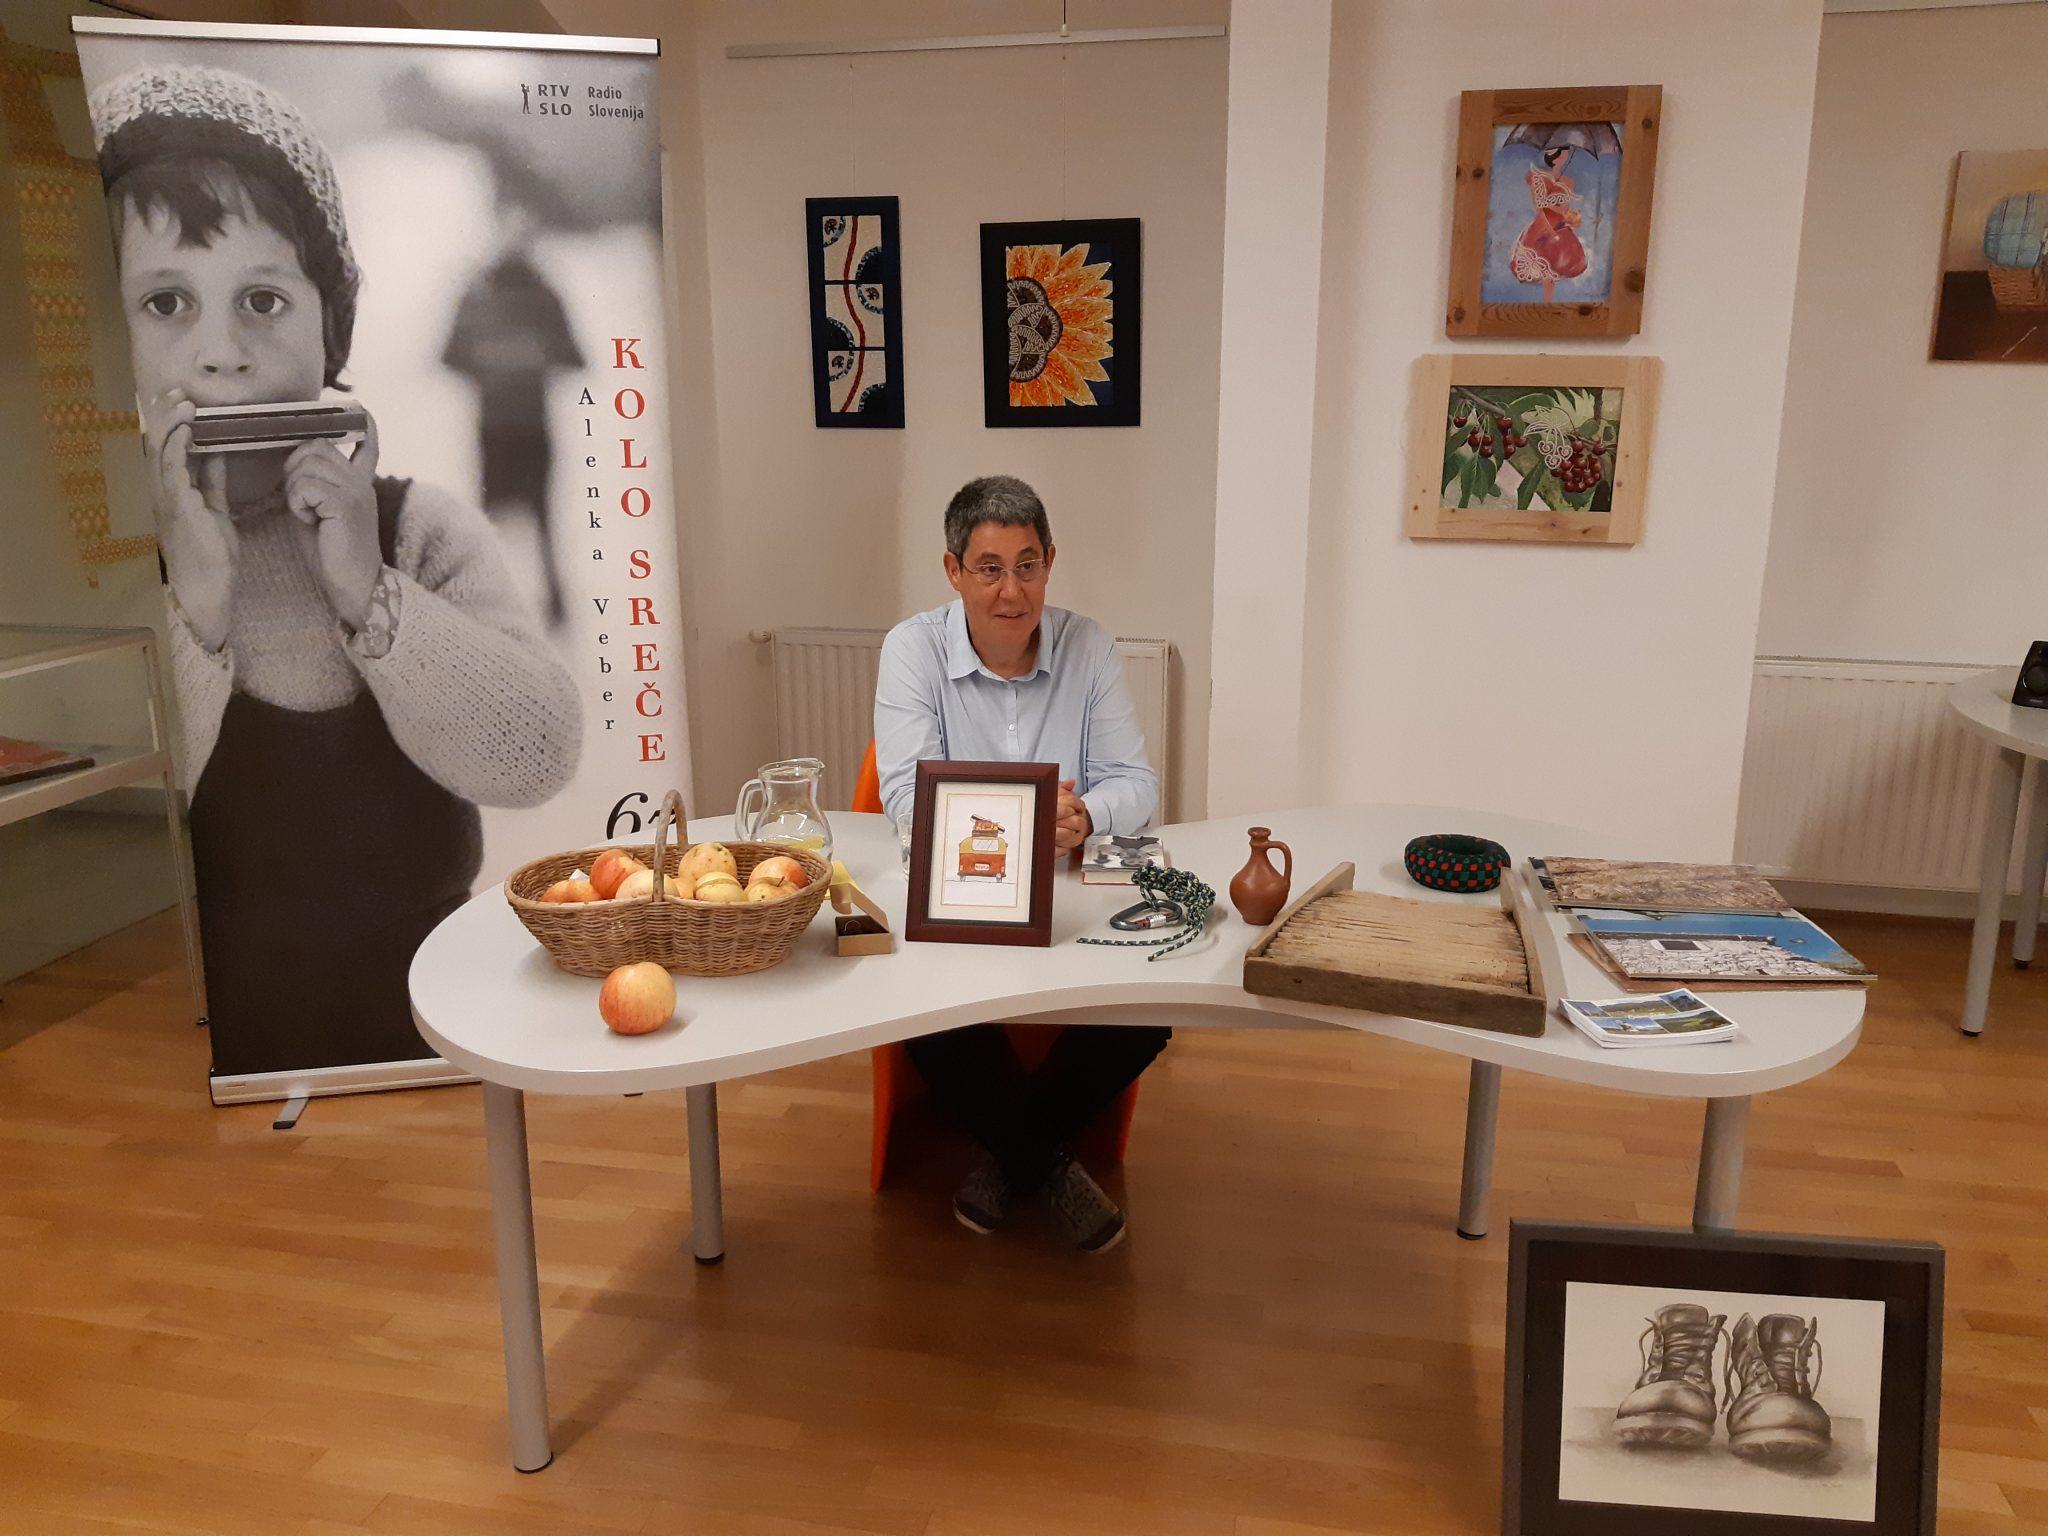 20181008 184301 - Alenka Veber – Kolo sreče. 67 babjepolskih iveri – predstavitev knjige